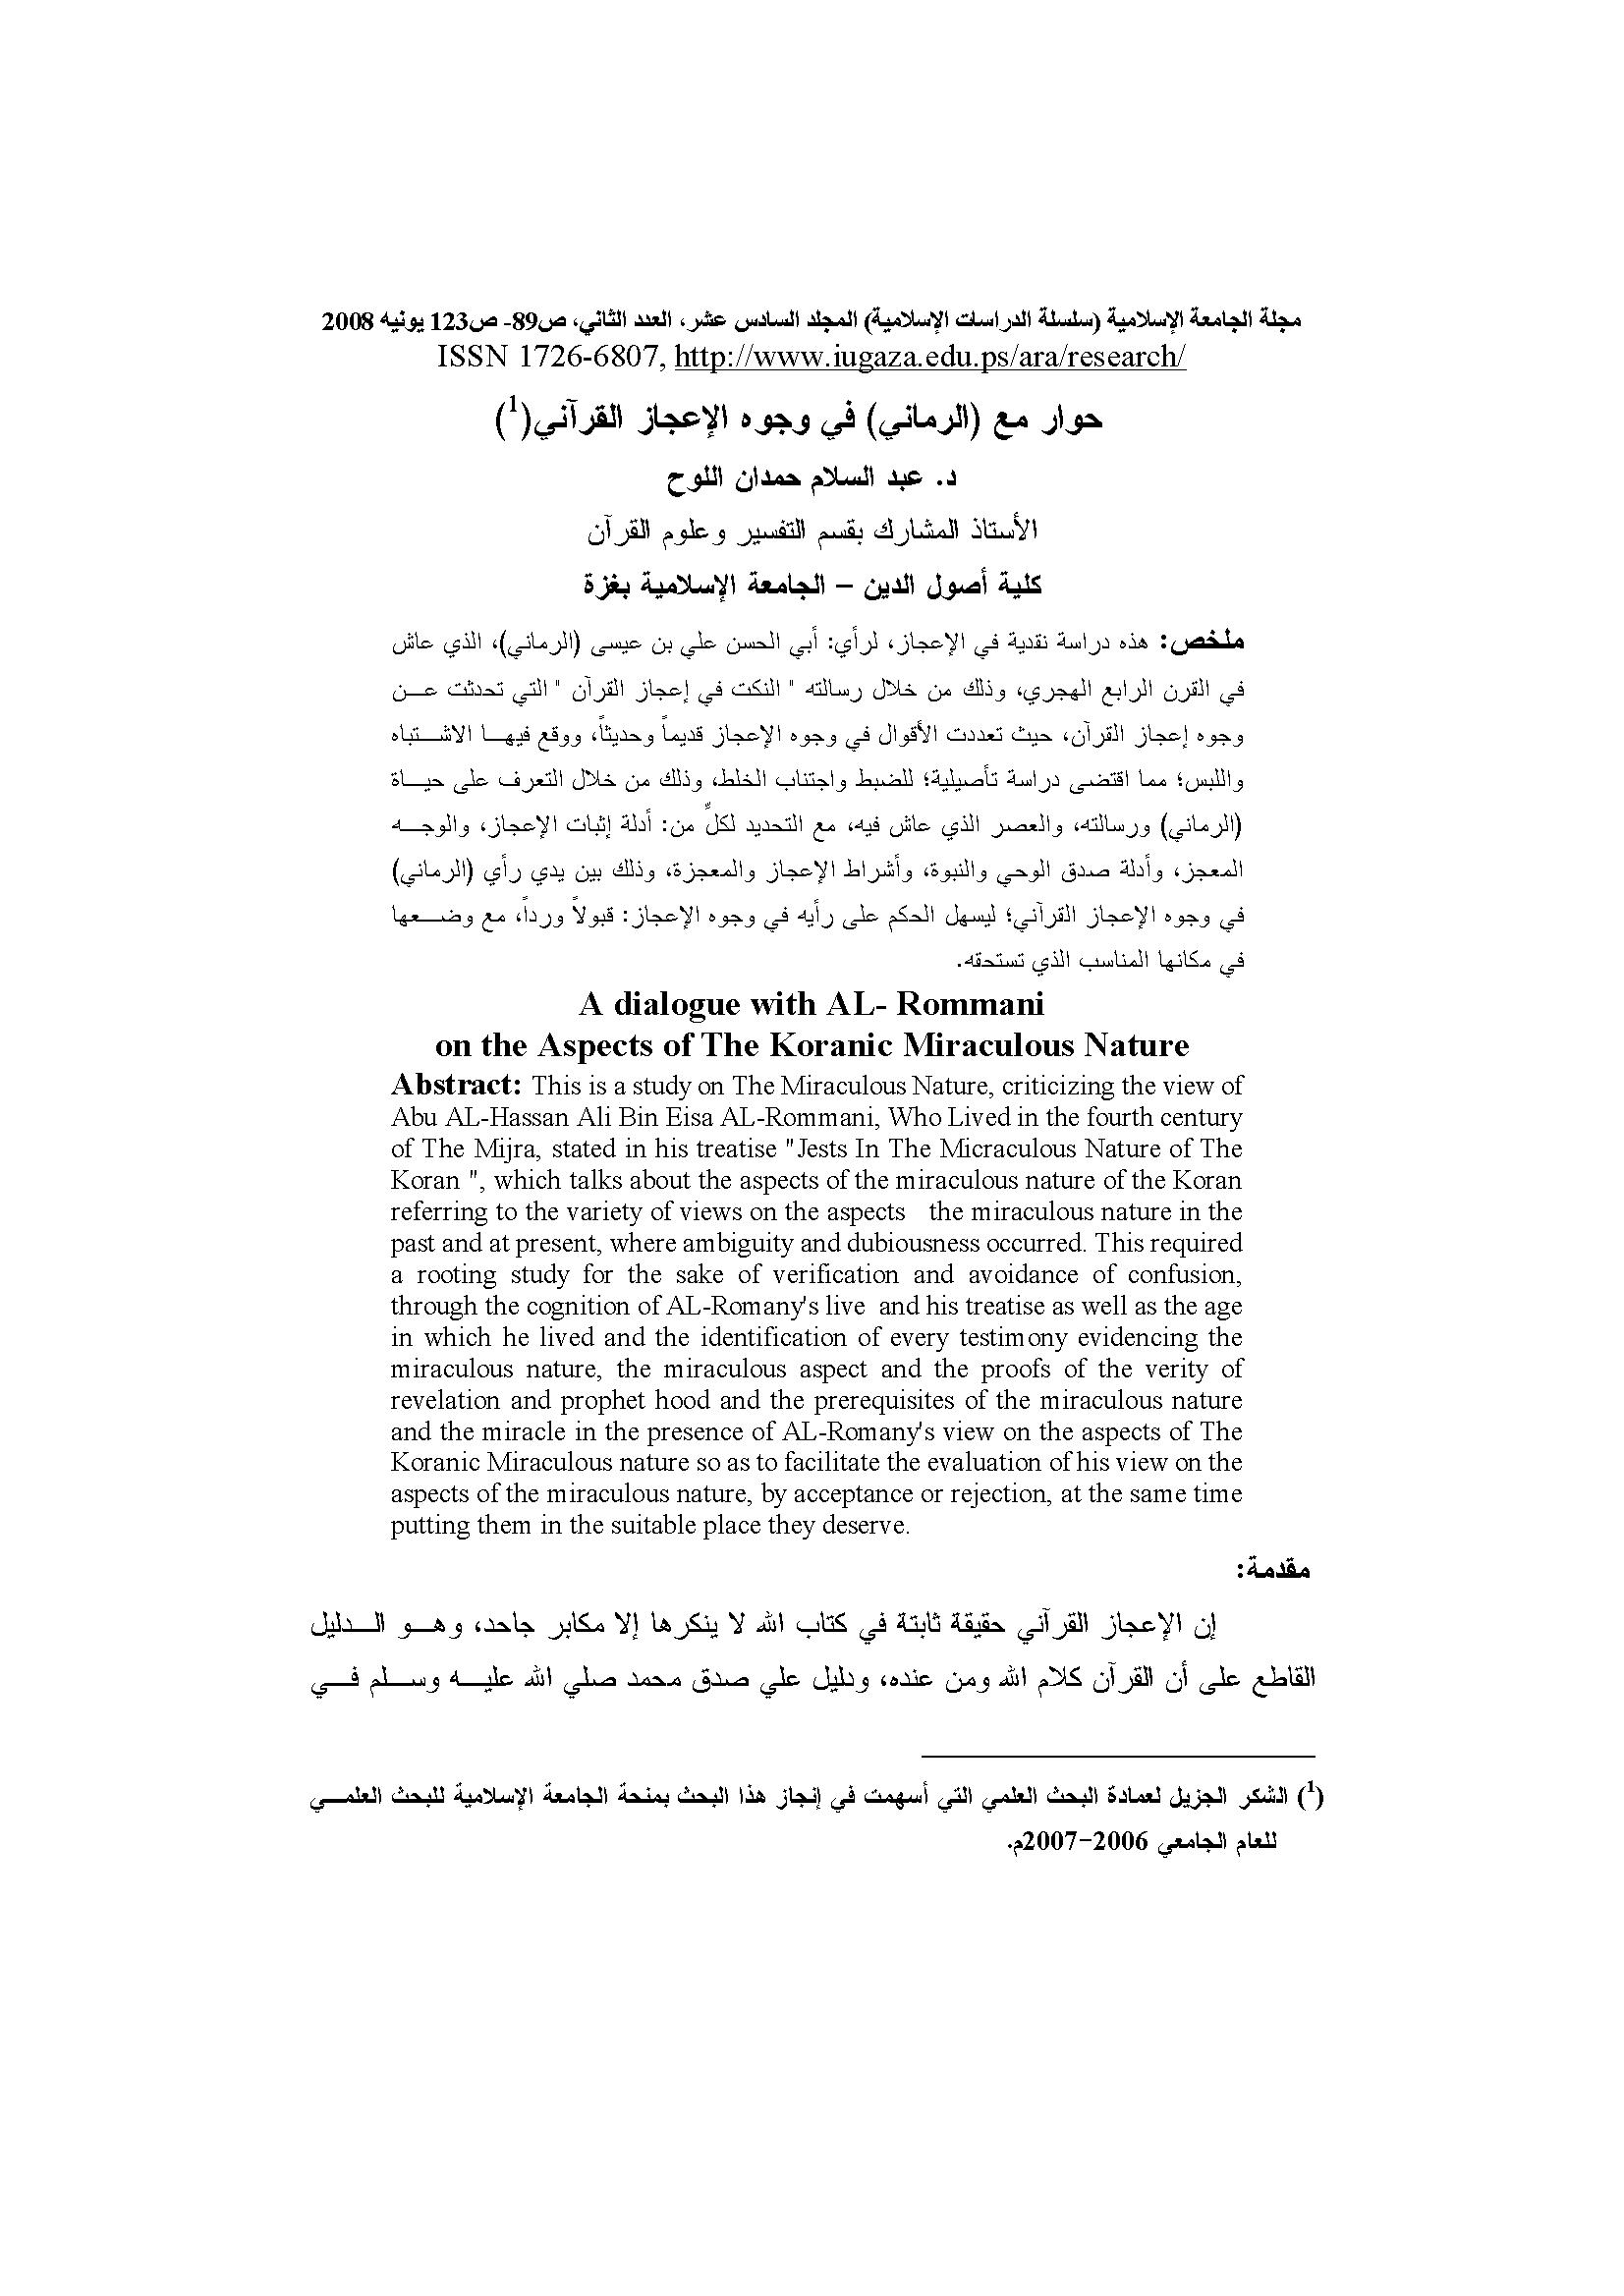 تحميل كتاب حوار مع (الرماني) في وجوه الإعجاز القرآني لـِ: الدكتور عبد السلام حمدان عودة اللوح